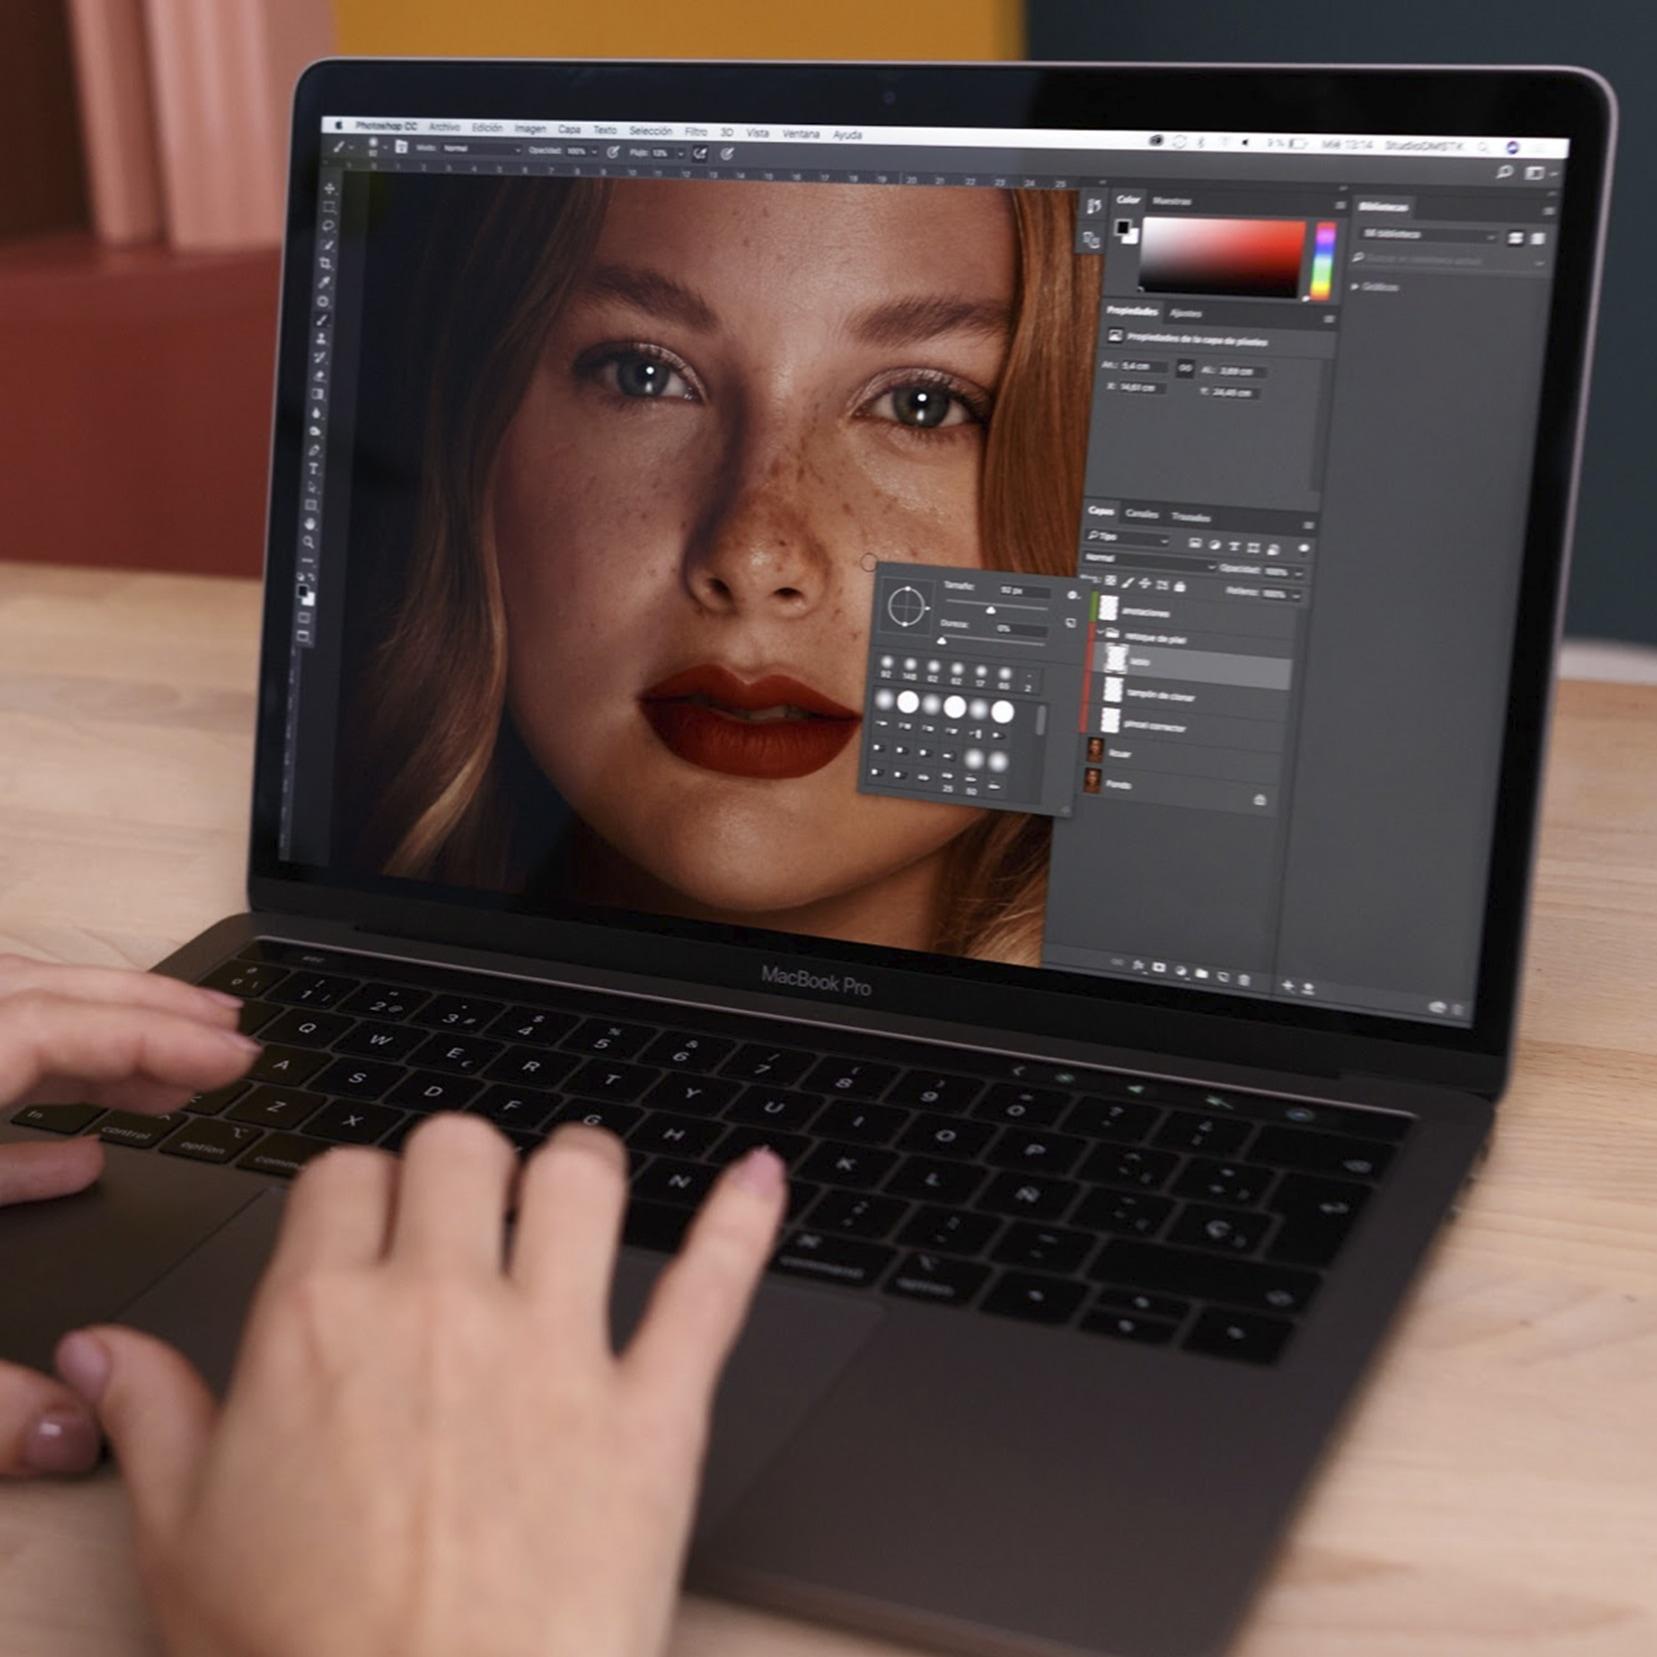 10 cursos online de Adobe Photoshop para fotógrafos profissionais